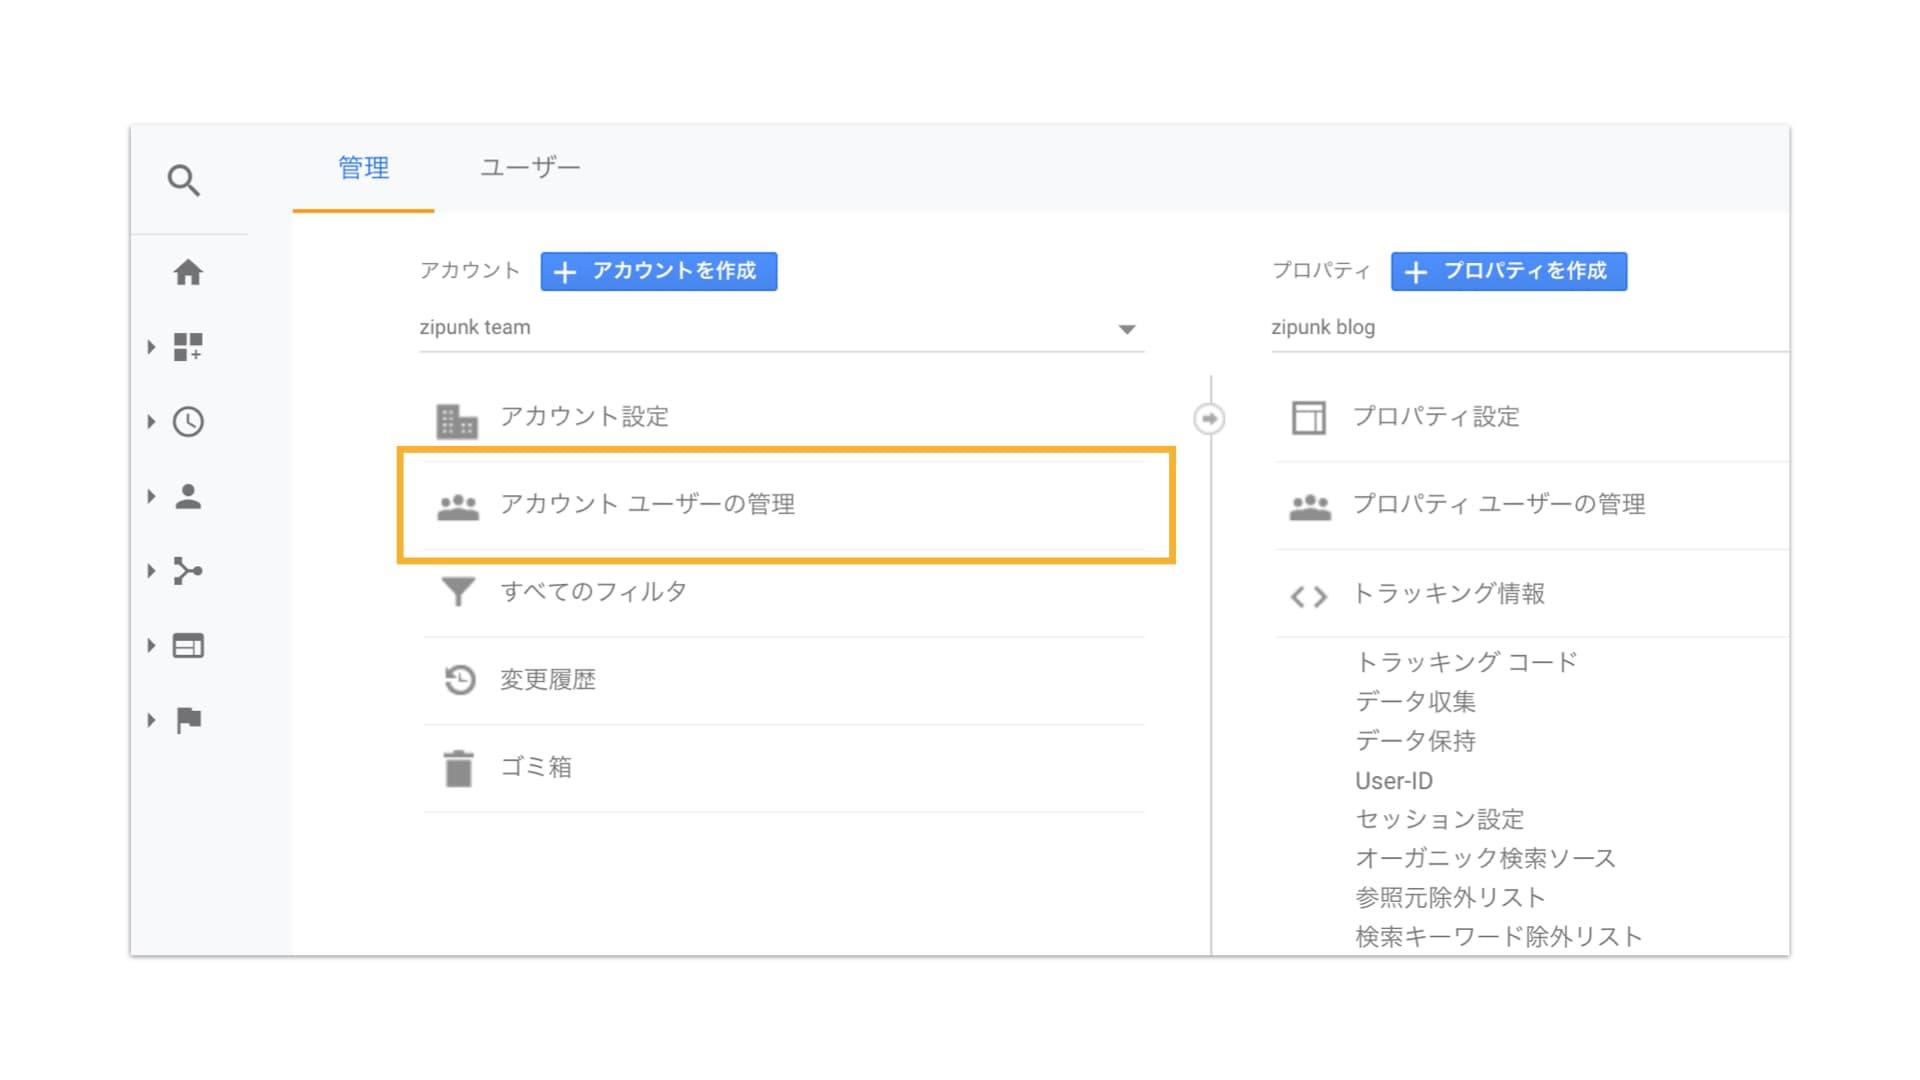 ga-initial-settings-account-user